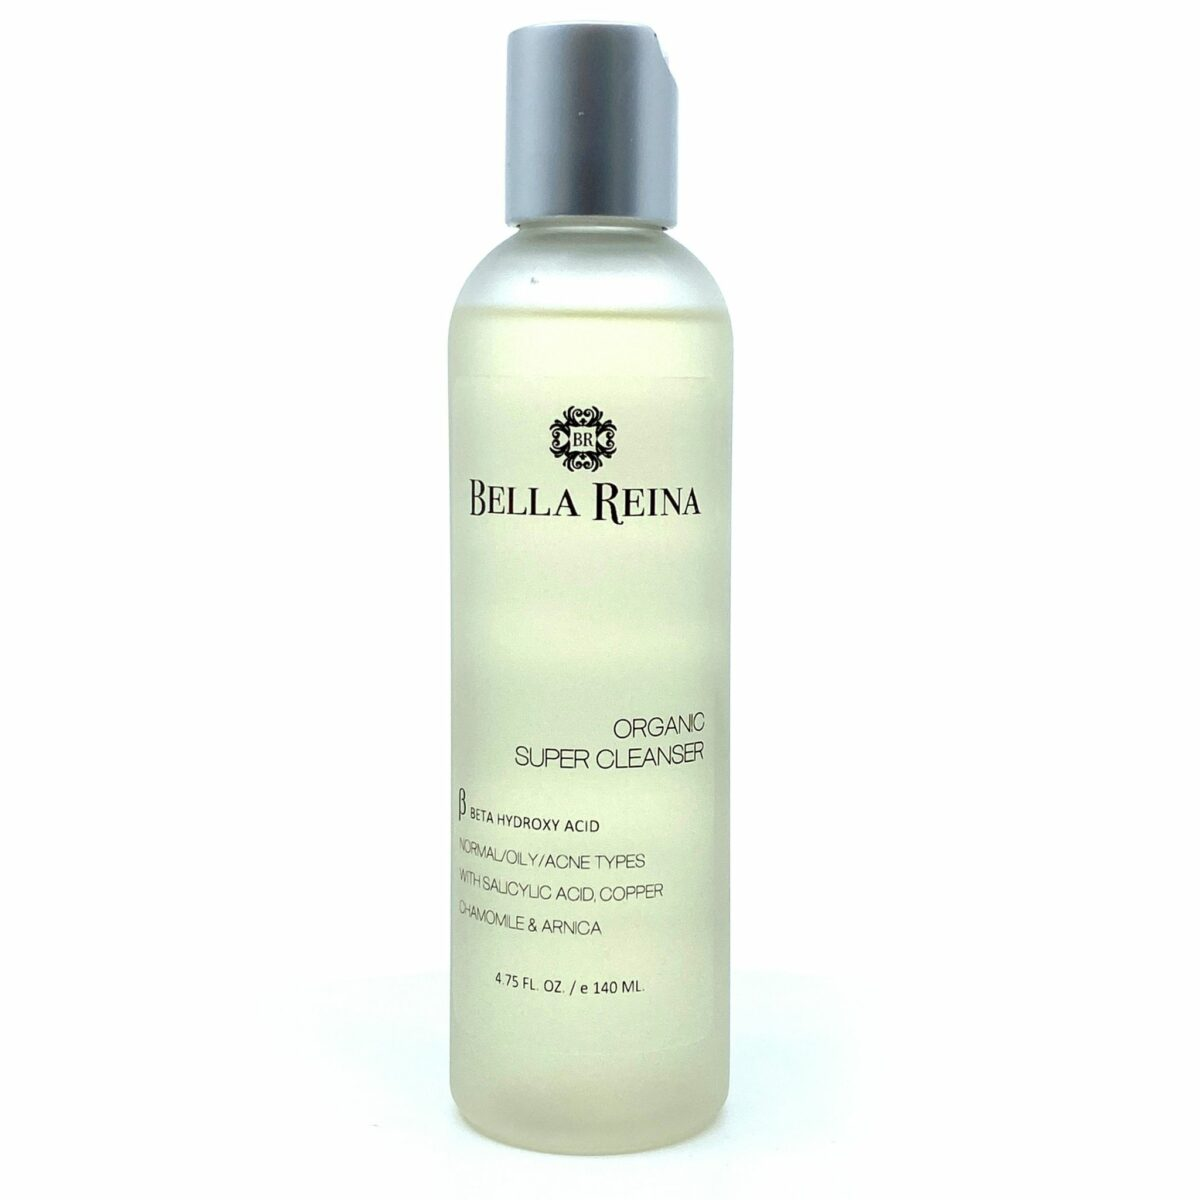 Bella Reina Spa Organic Super Cleanser